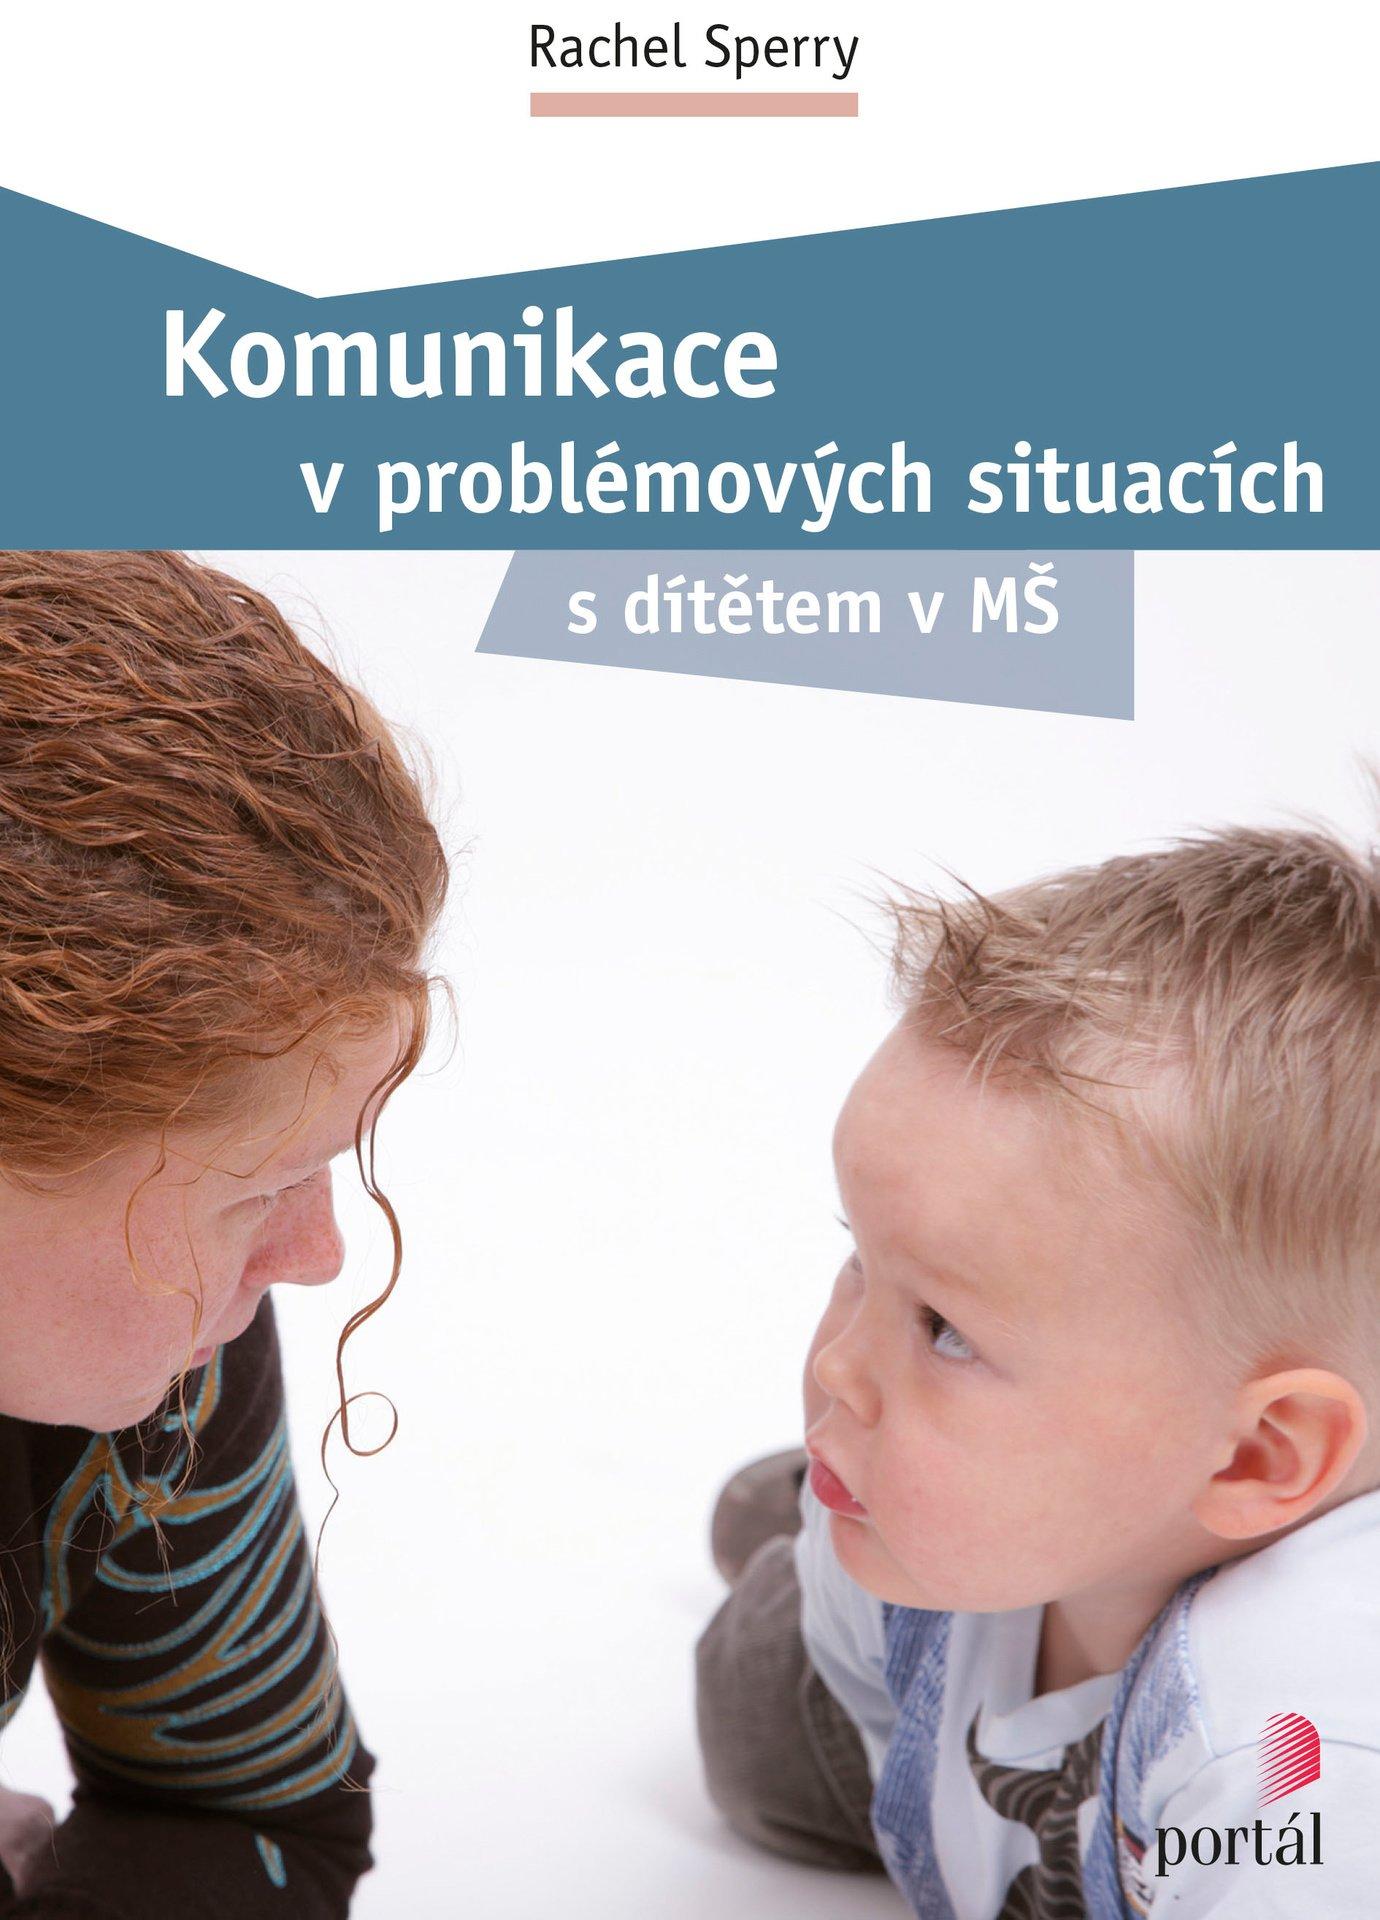 Komunikace v problémových situacích s dítětem v MŠ, rozhovor, Rachel Sperry